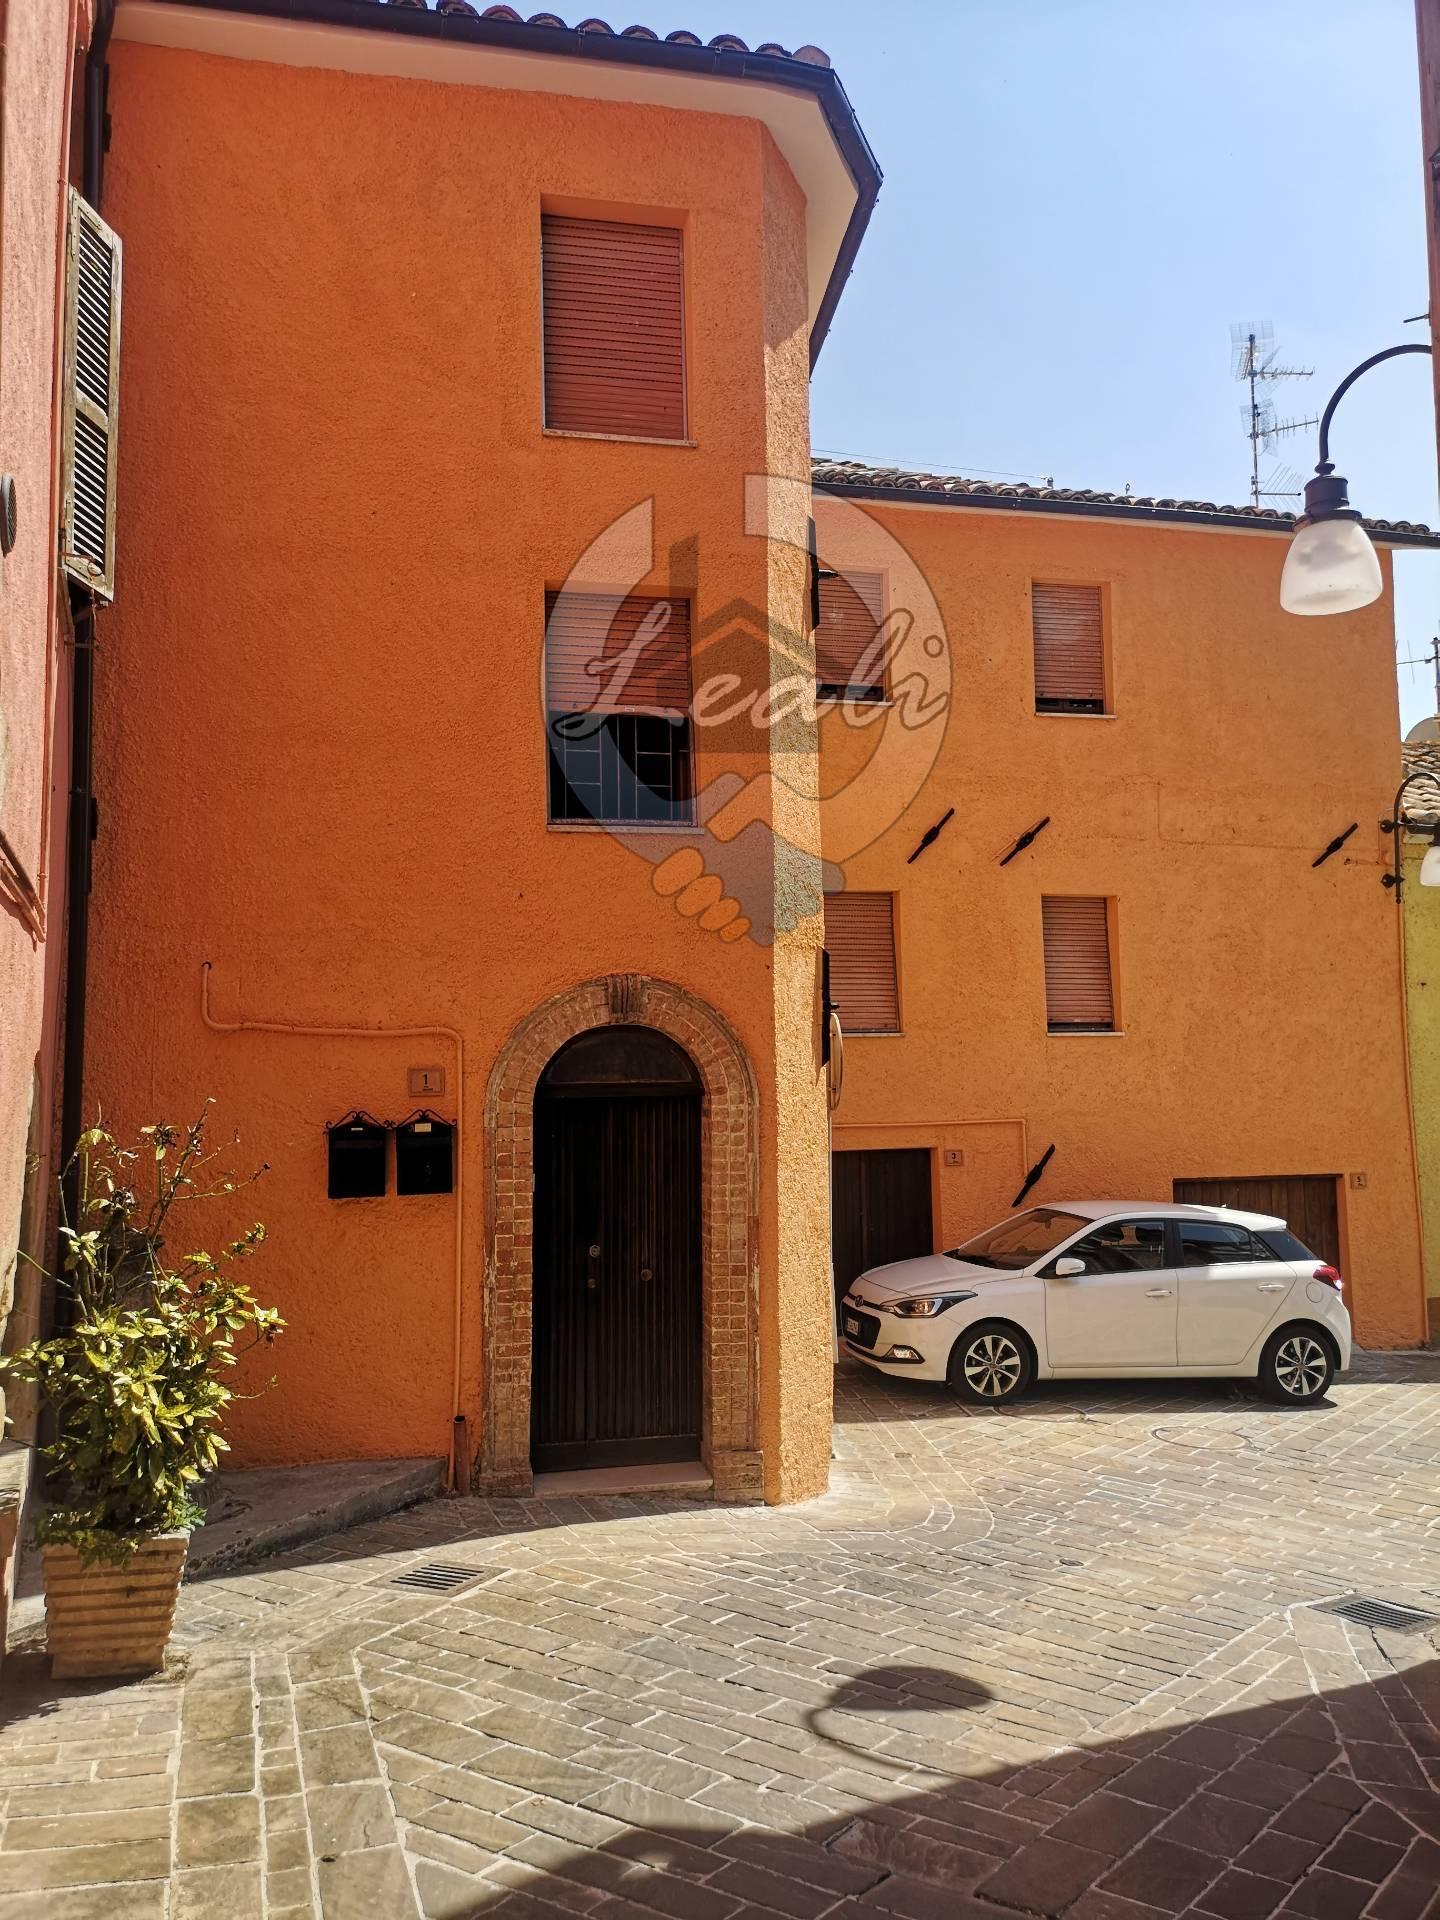 Appartamento in vendita a Camporotondo di Fiastrone, 3 locali, prezzo € 73.000 | CambioCasa.it